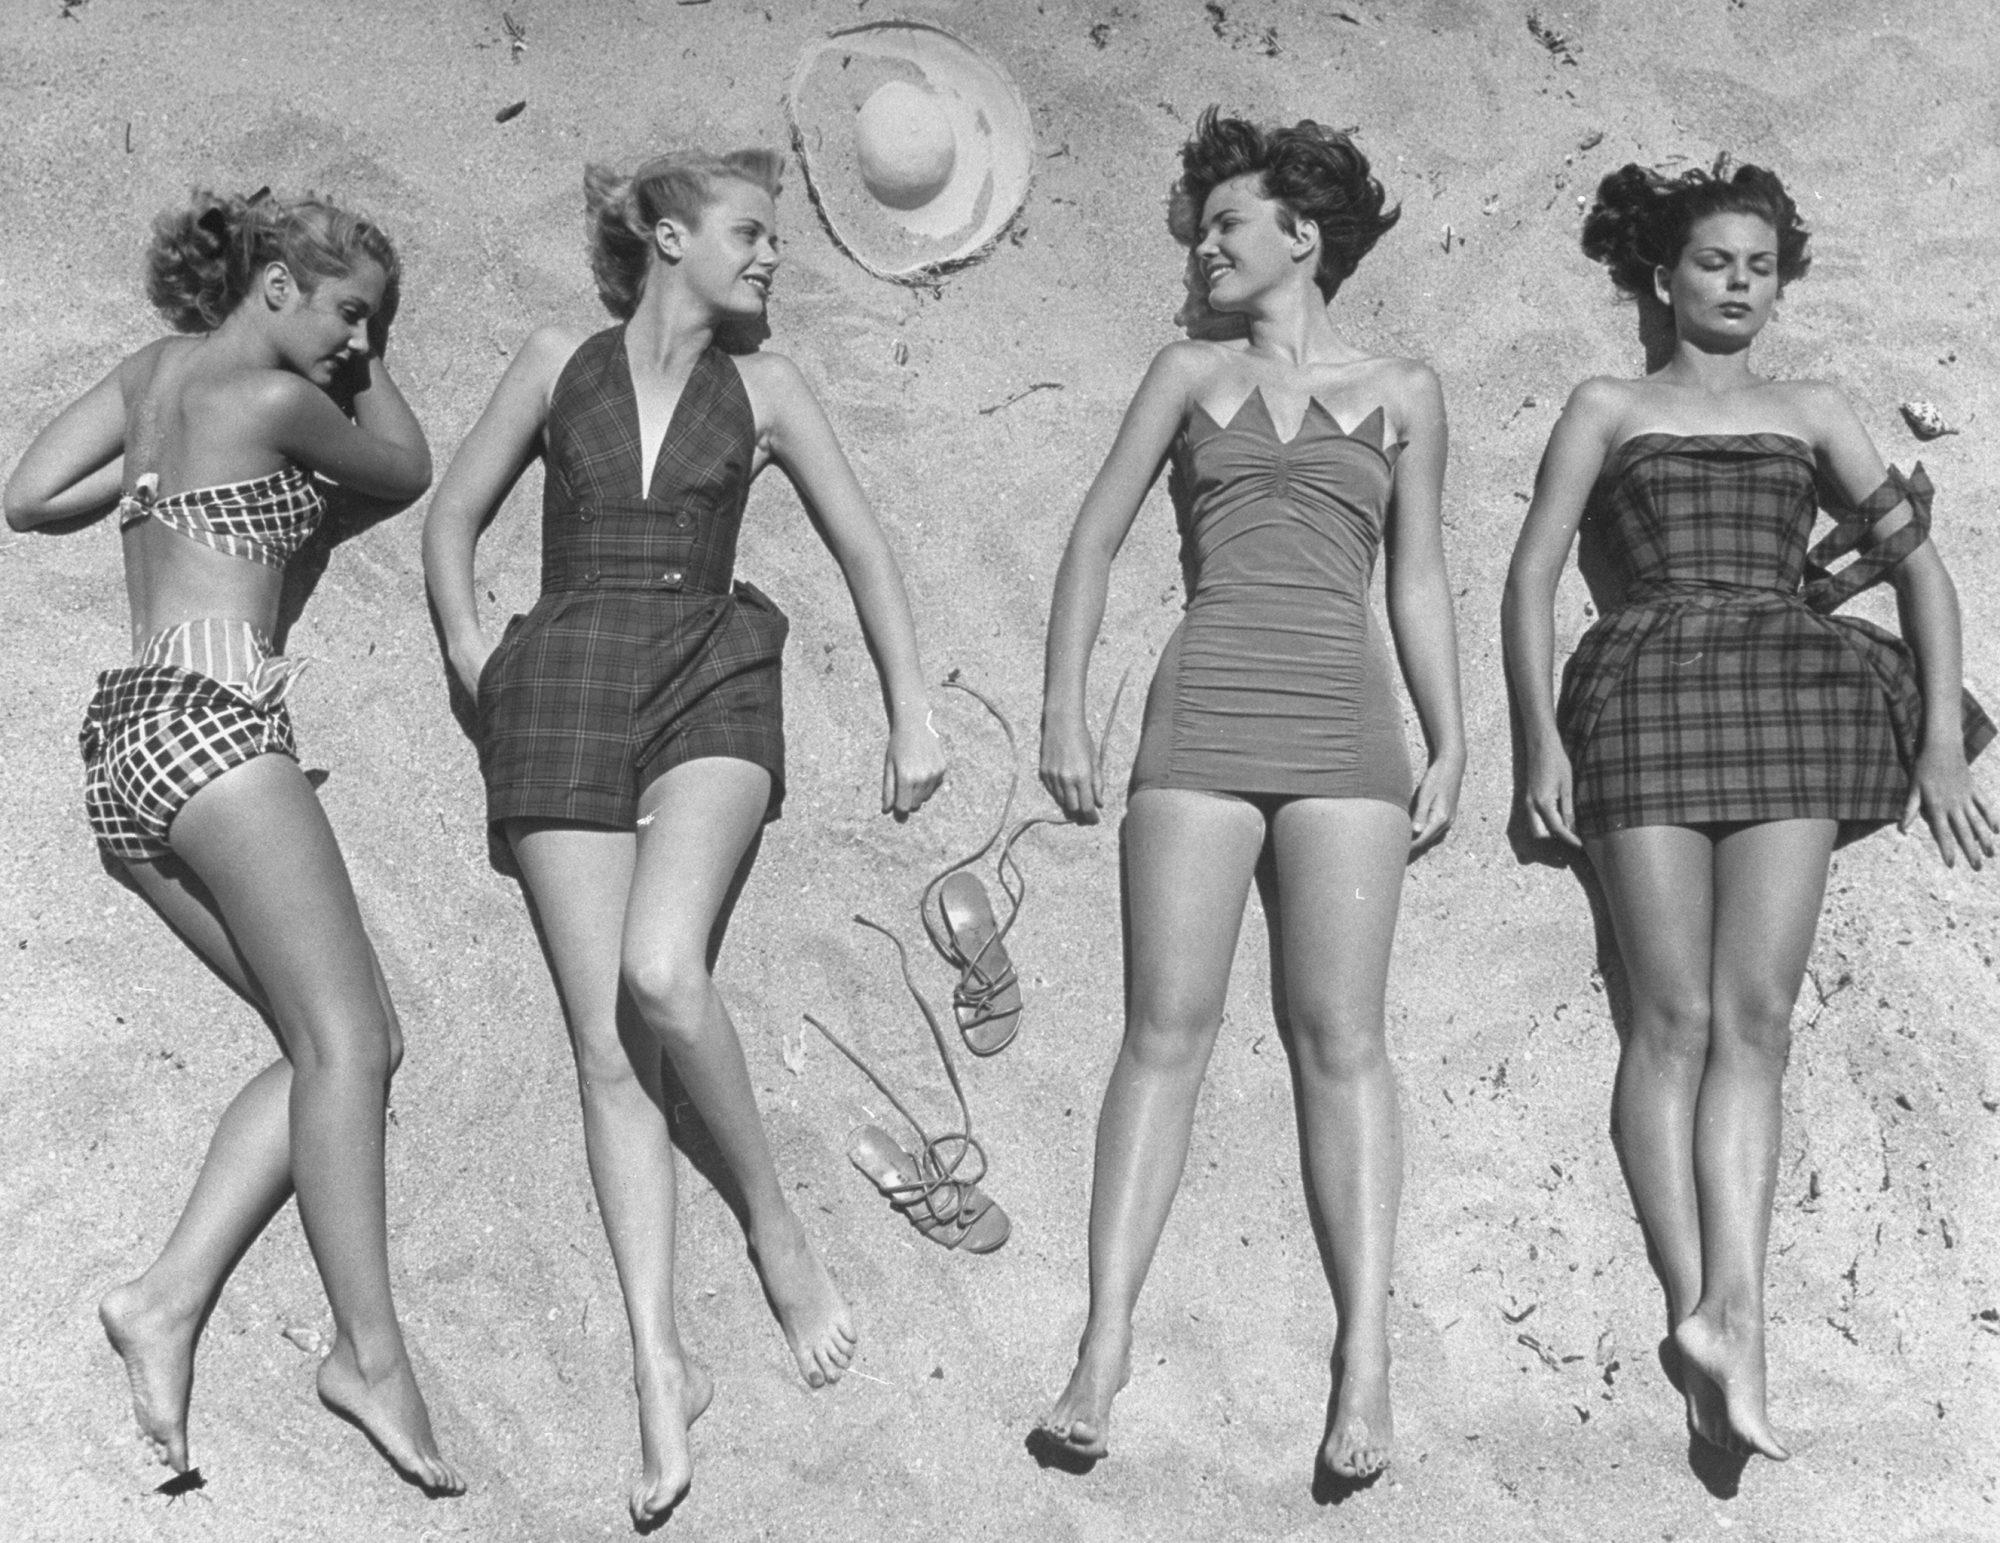 period at the beach